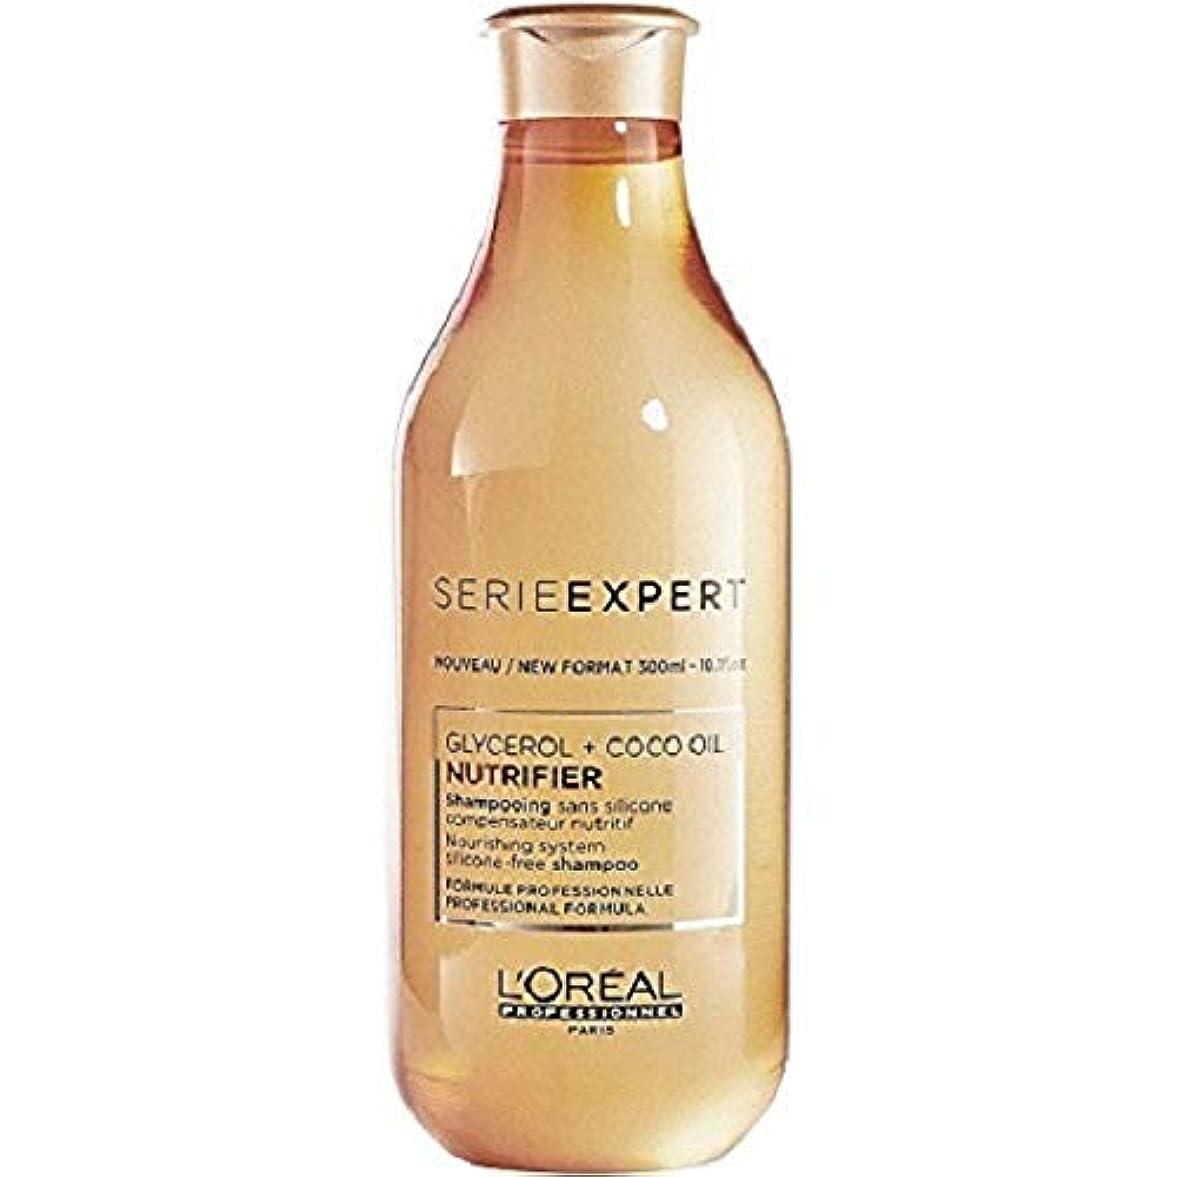 単なる橋没頭するL'Oreal Serie Expert Glycerol + Coco Oil NUTRIFIER Nourishing System Silicone-Free Shampoo 300 ml [並行輸入品]